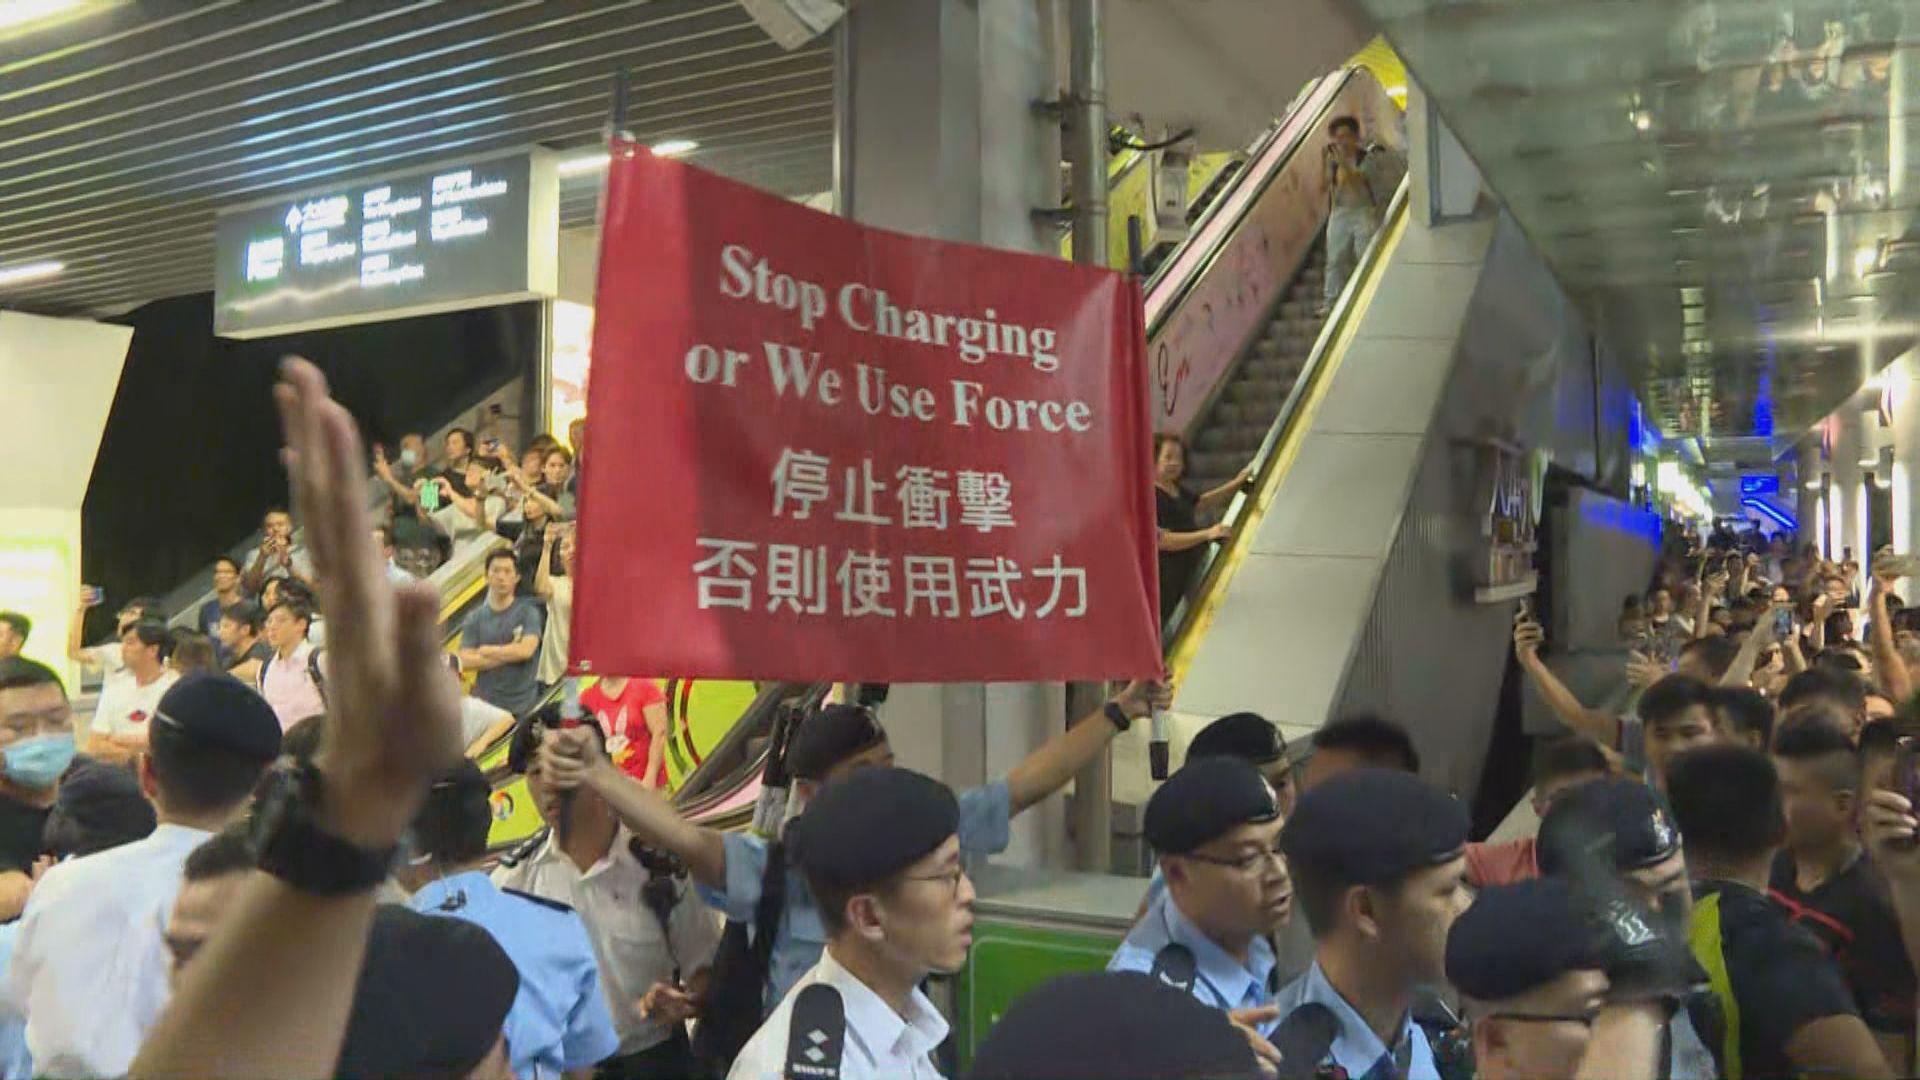 油塘有支持及反對修例市民爭執 警方一度舉起紅旗示警